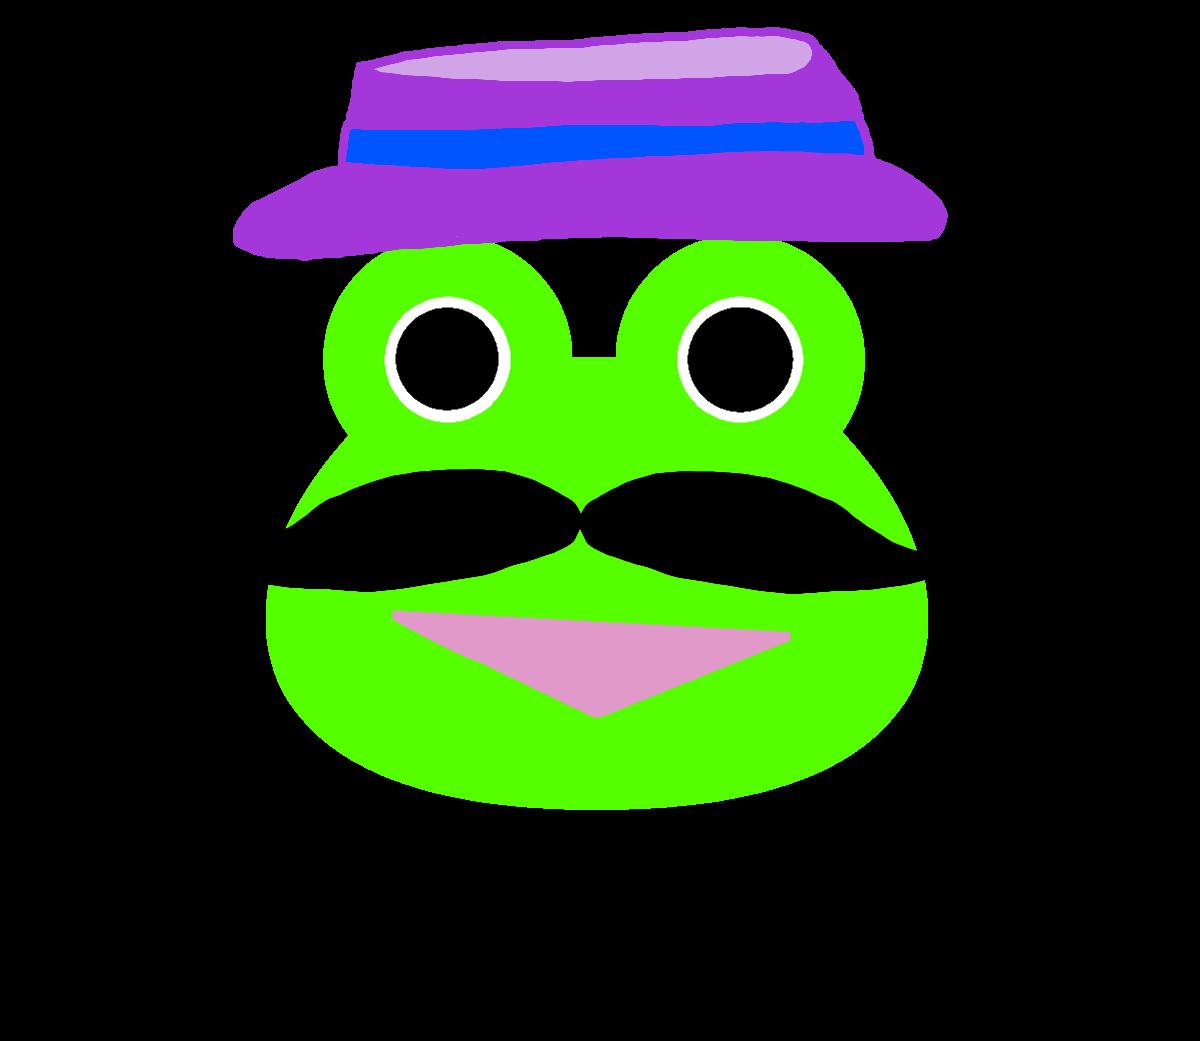 hige-frog